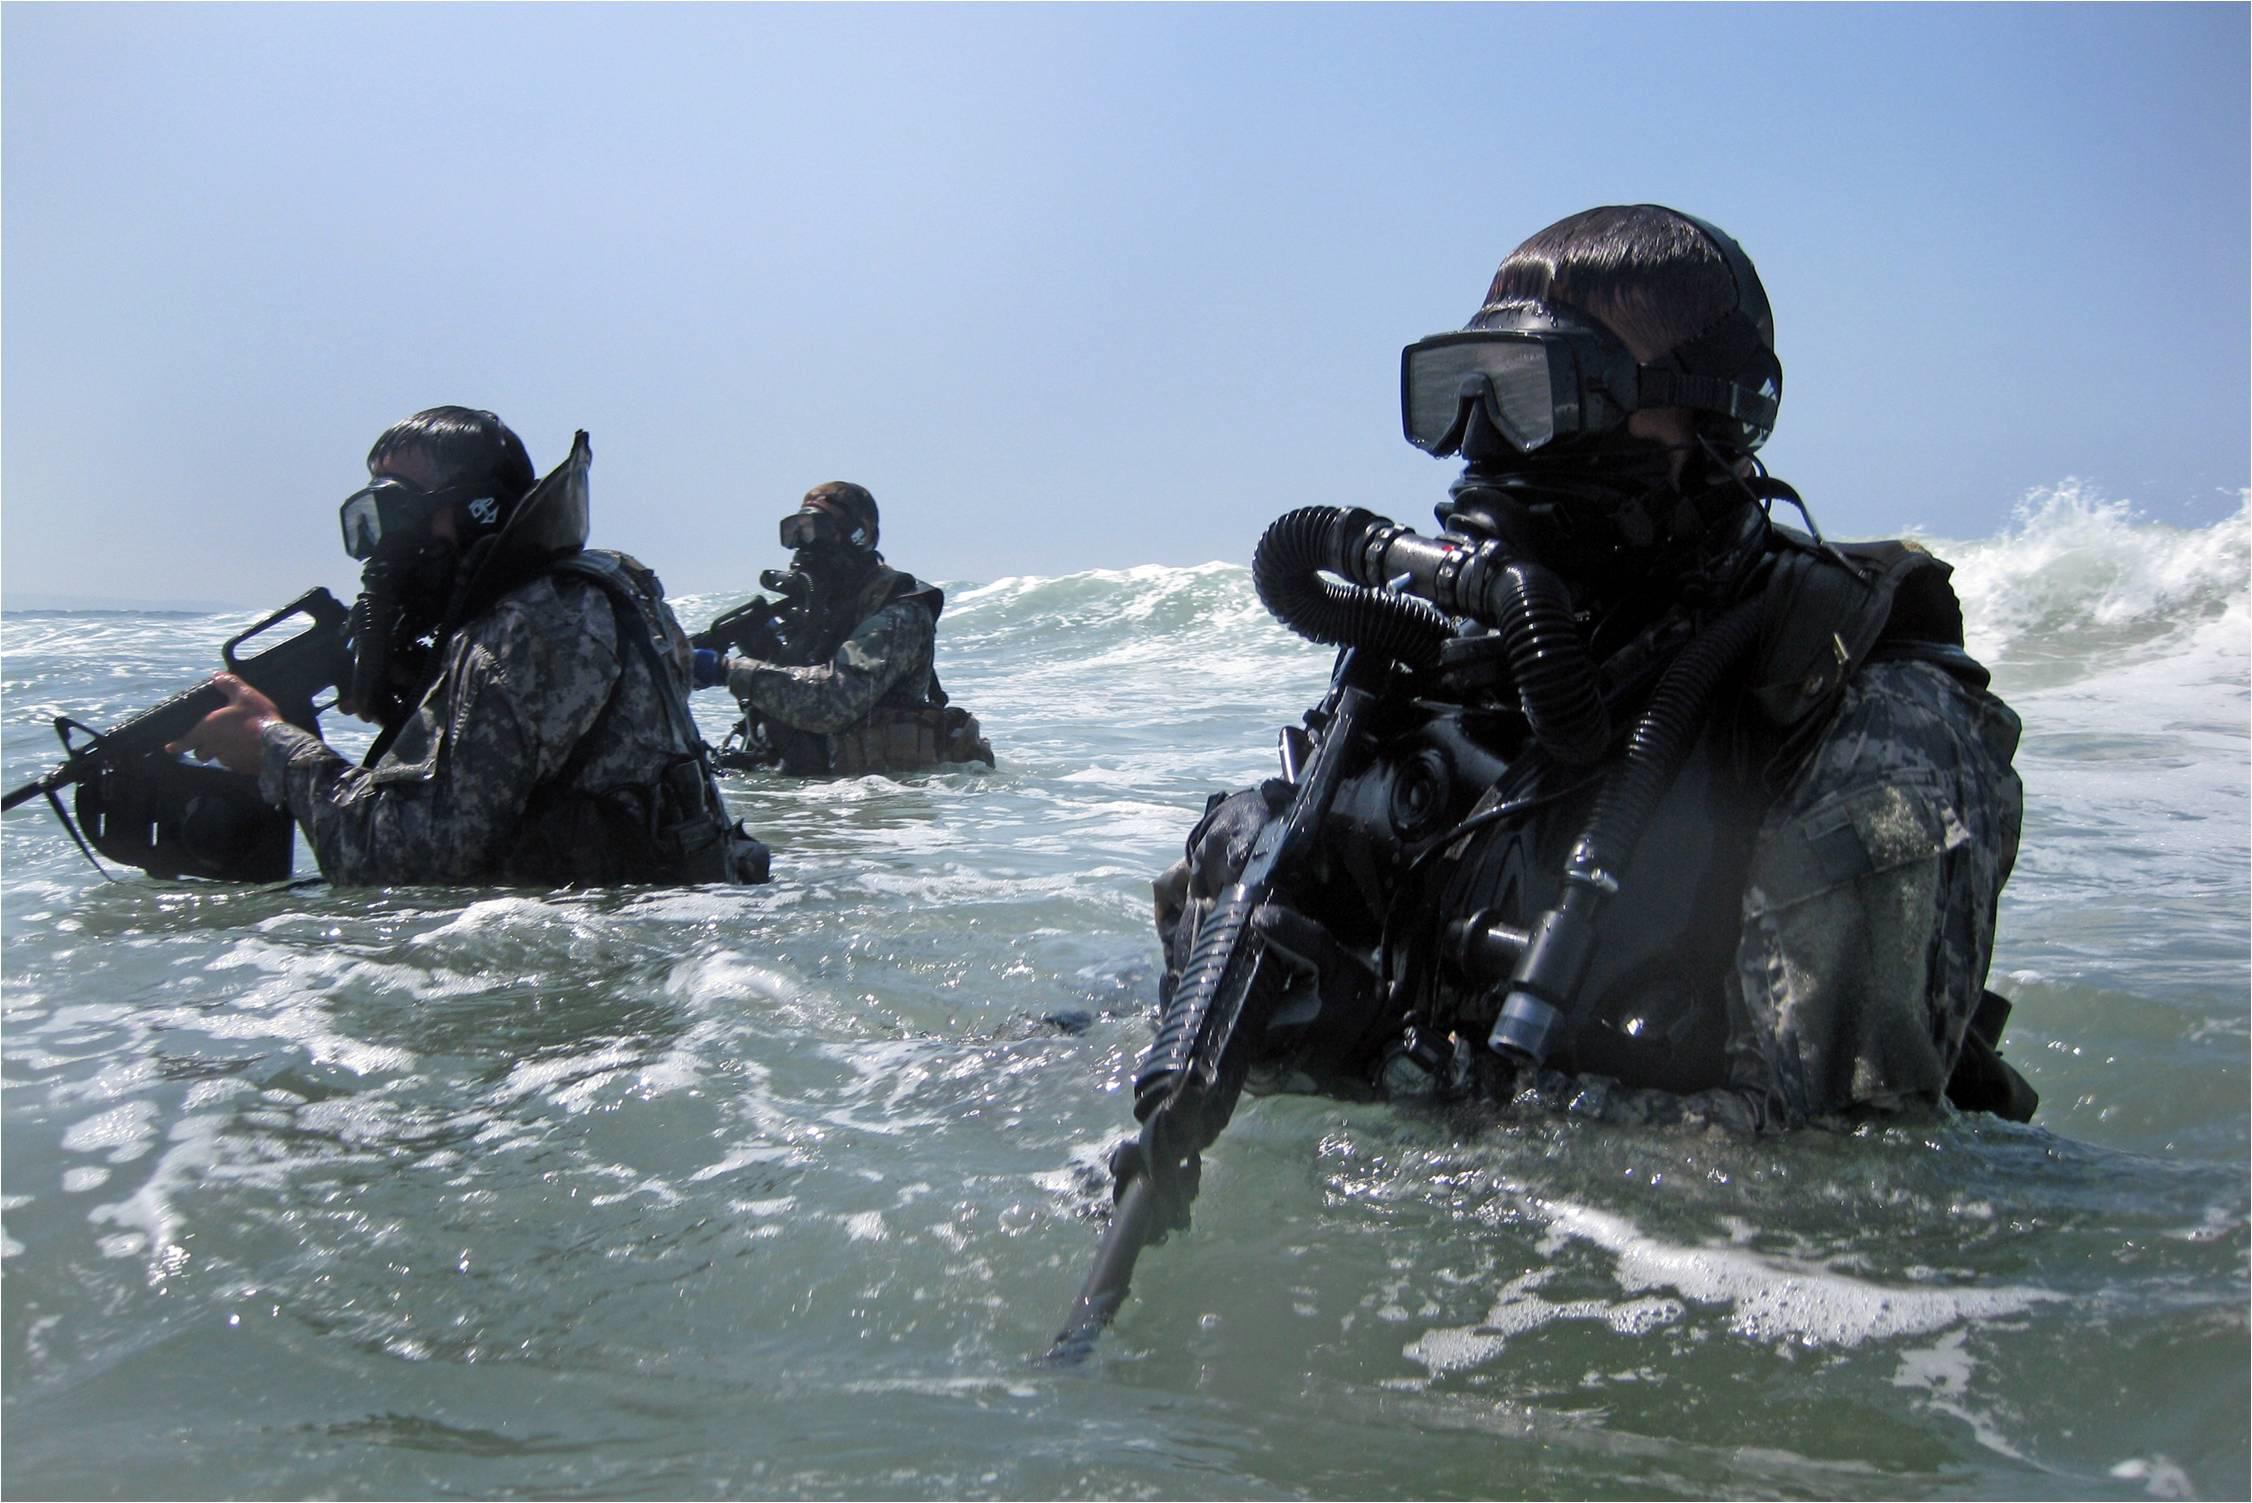 Navy Seals Computer Wallpapers, Desktop Backgrounds | 2252x1503 | ID ...